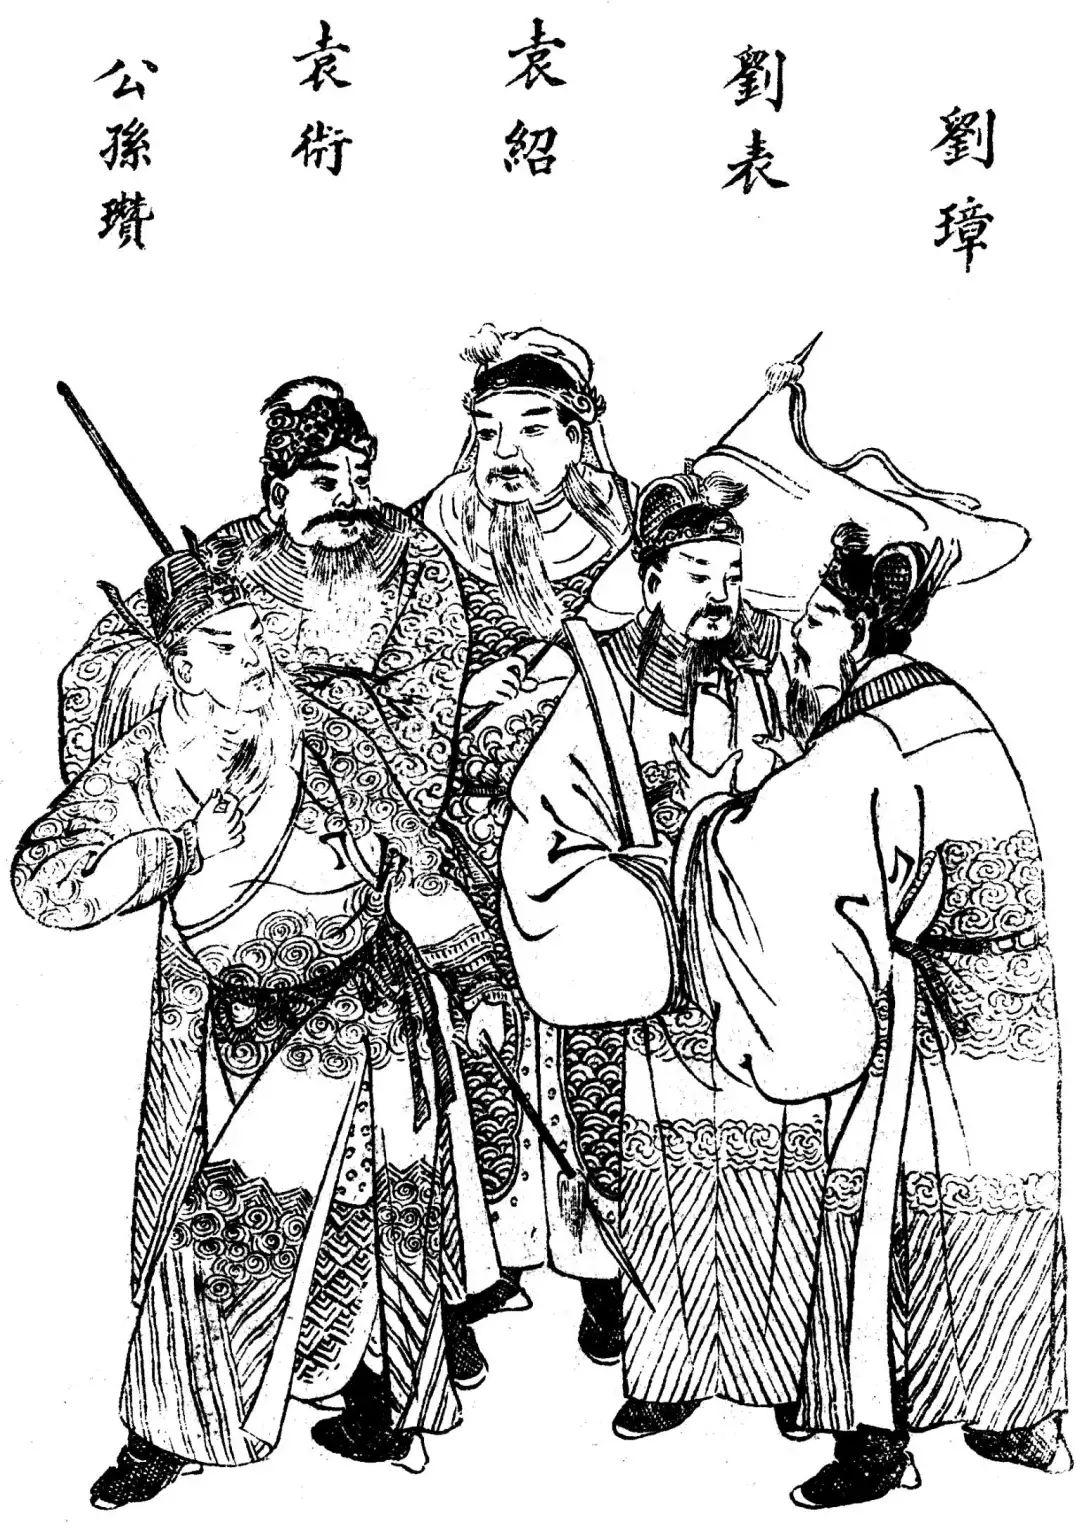 廖可斌 ‖ 俗文学研究的百年回顾与前瞻